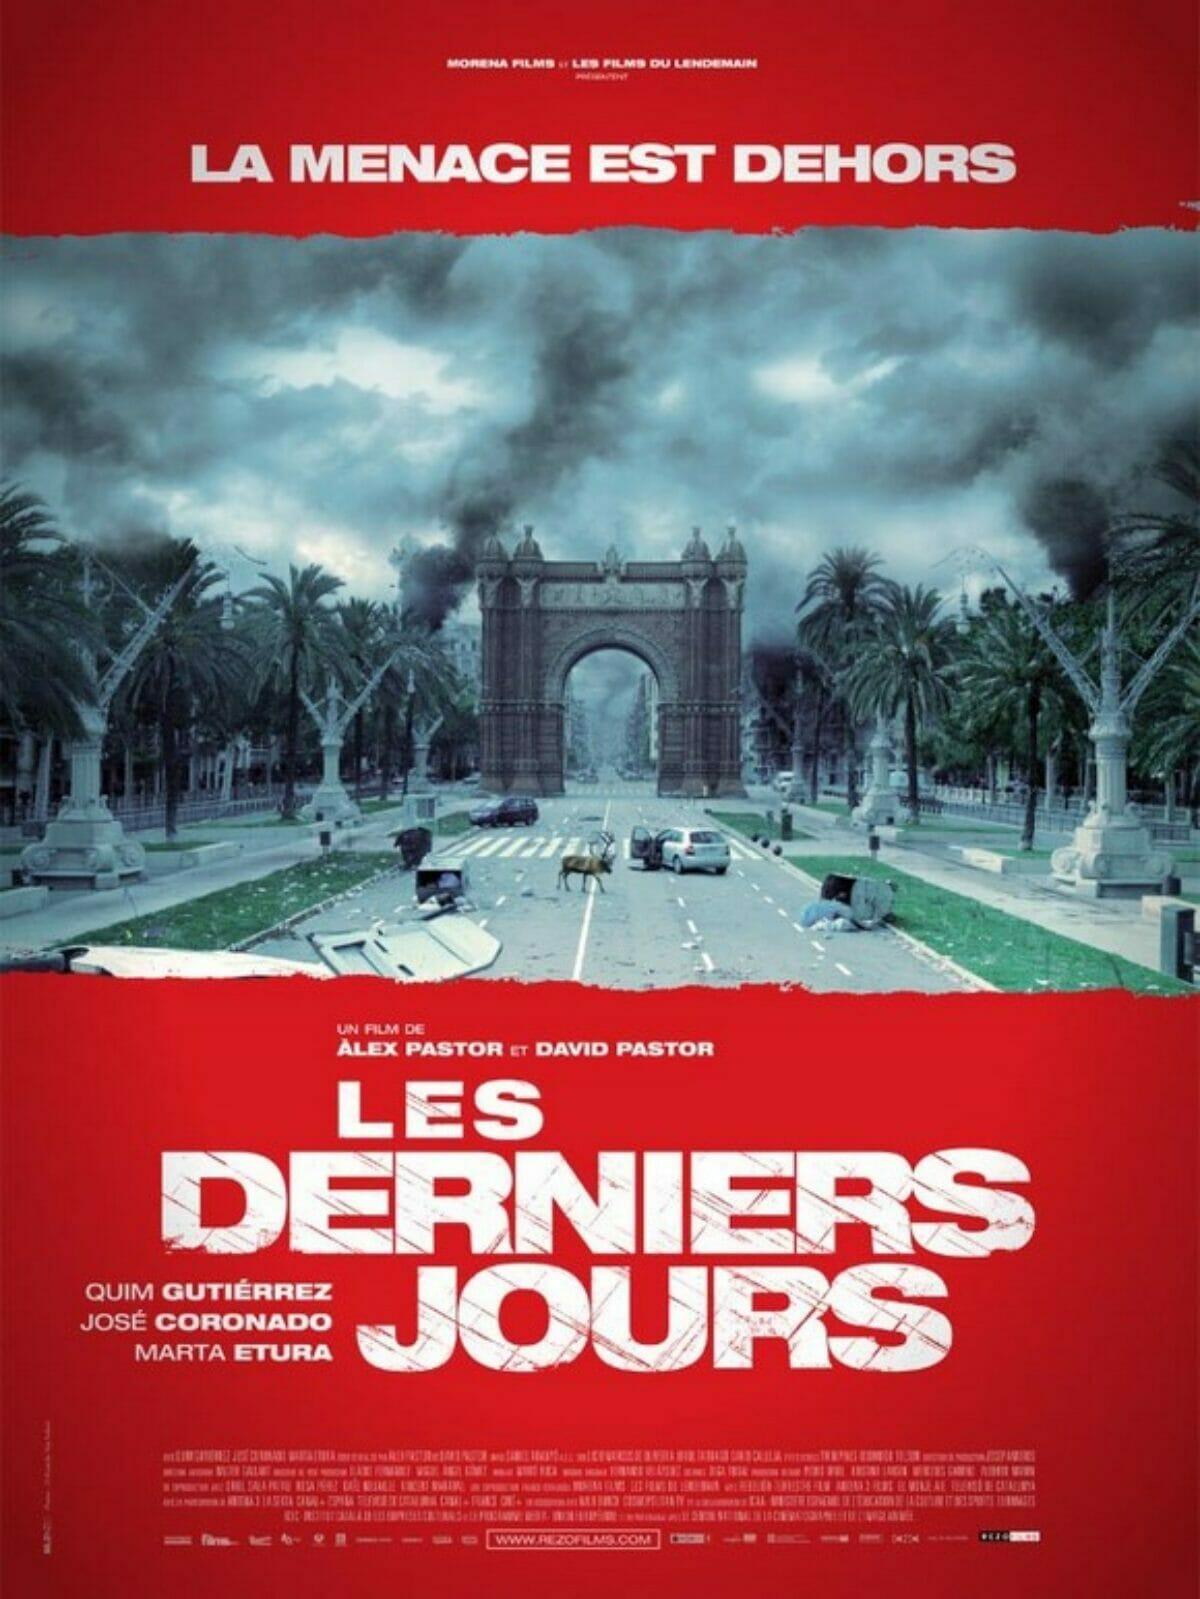 Les-Derniers-Jours-Affiche-France